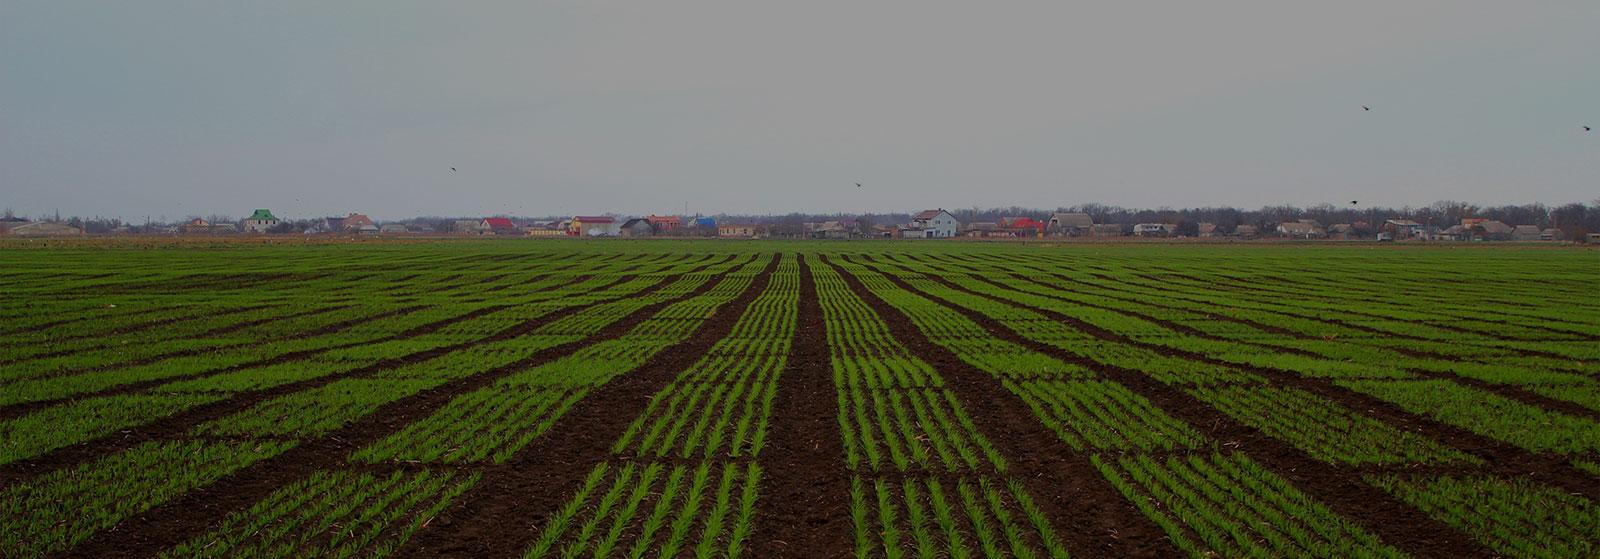 Получайте стабильно высокие урожаи, заказывая посевмат напрямую от производителя и оригинатора